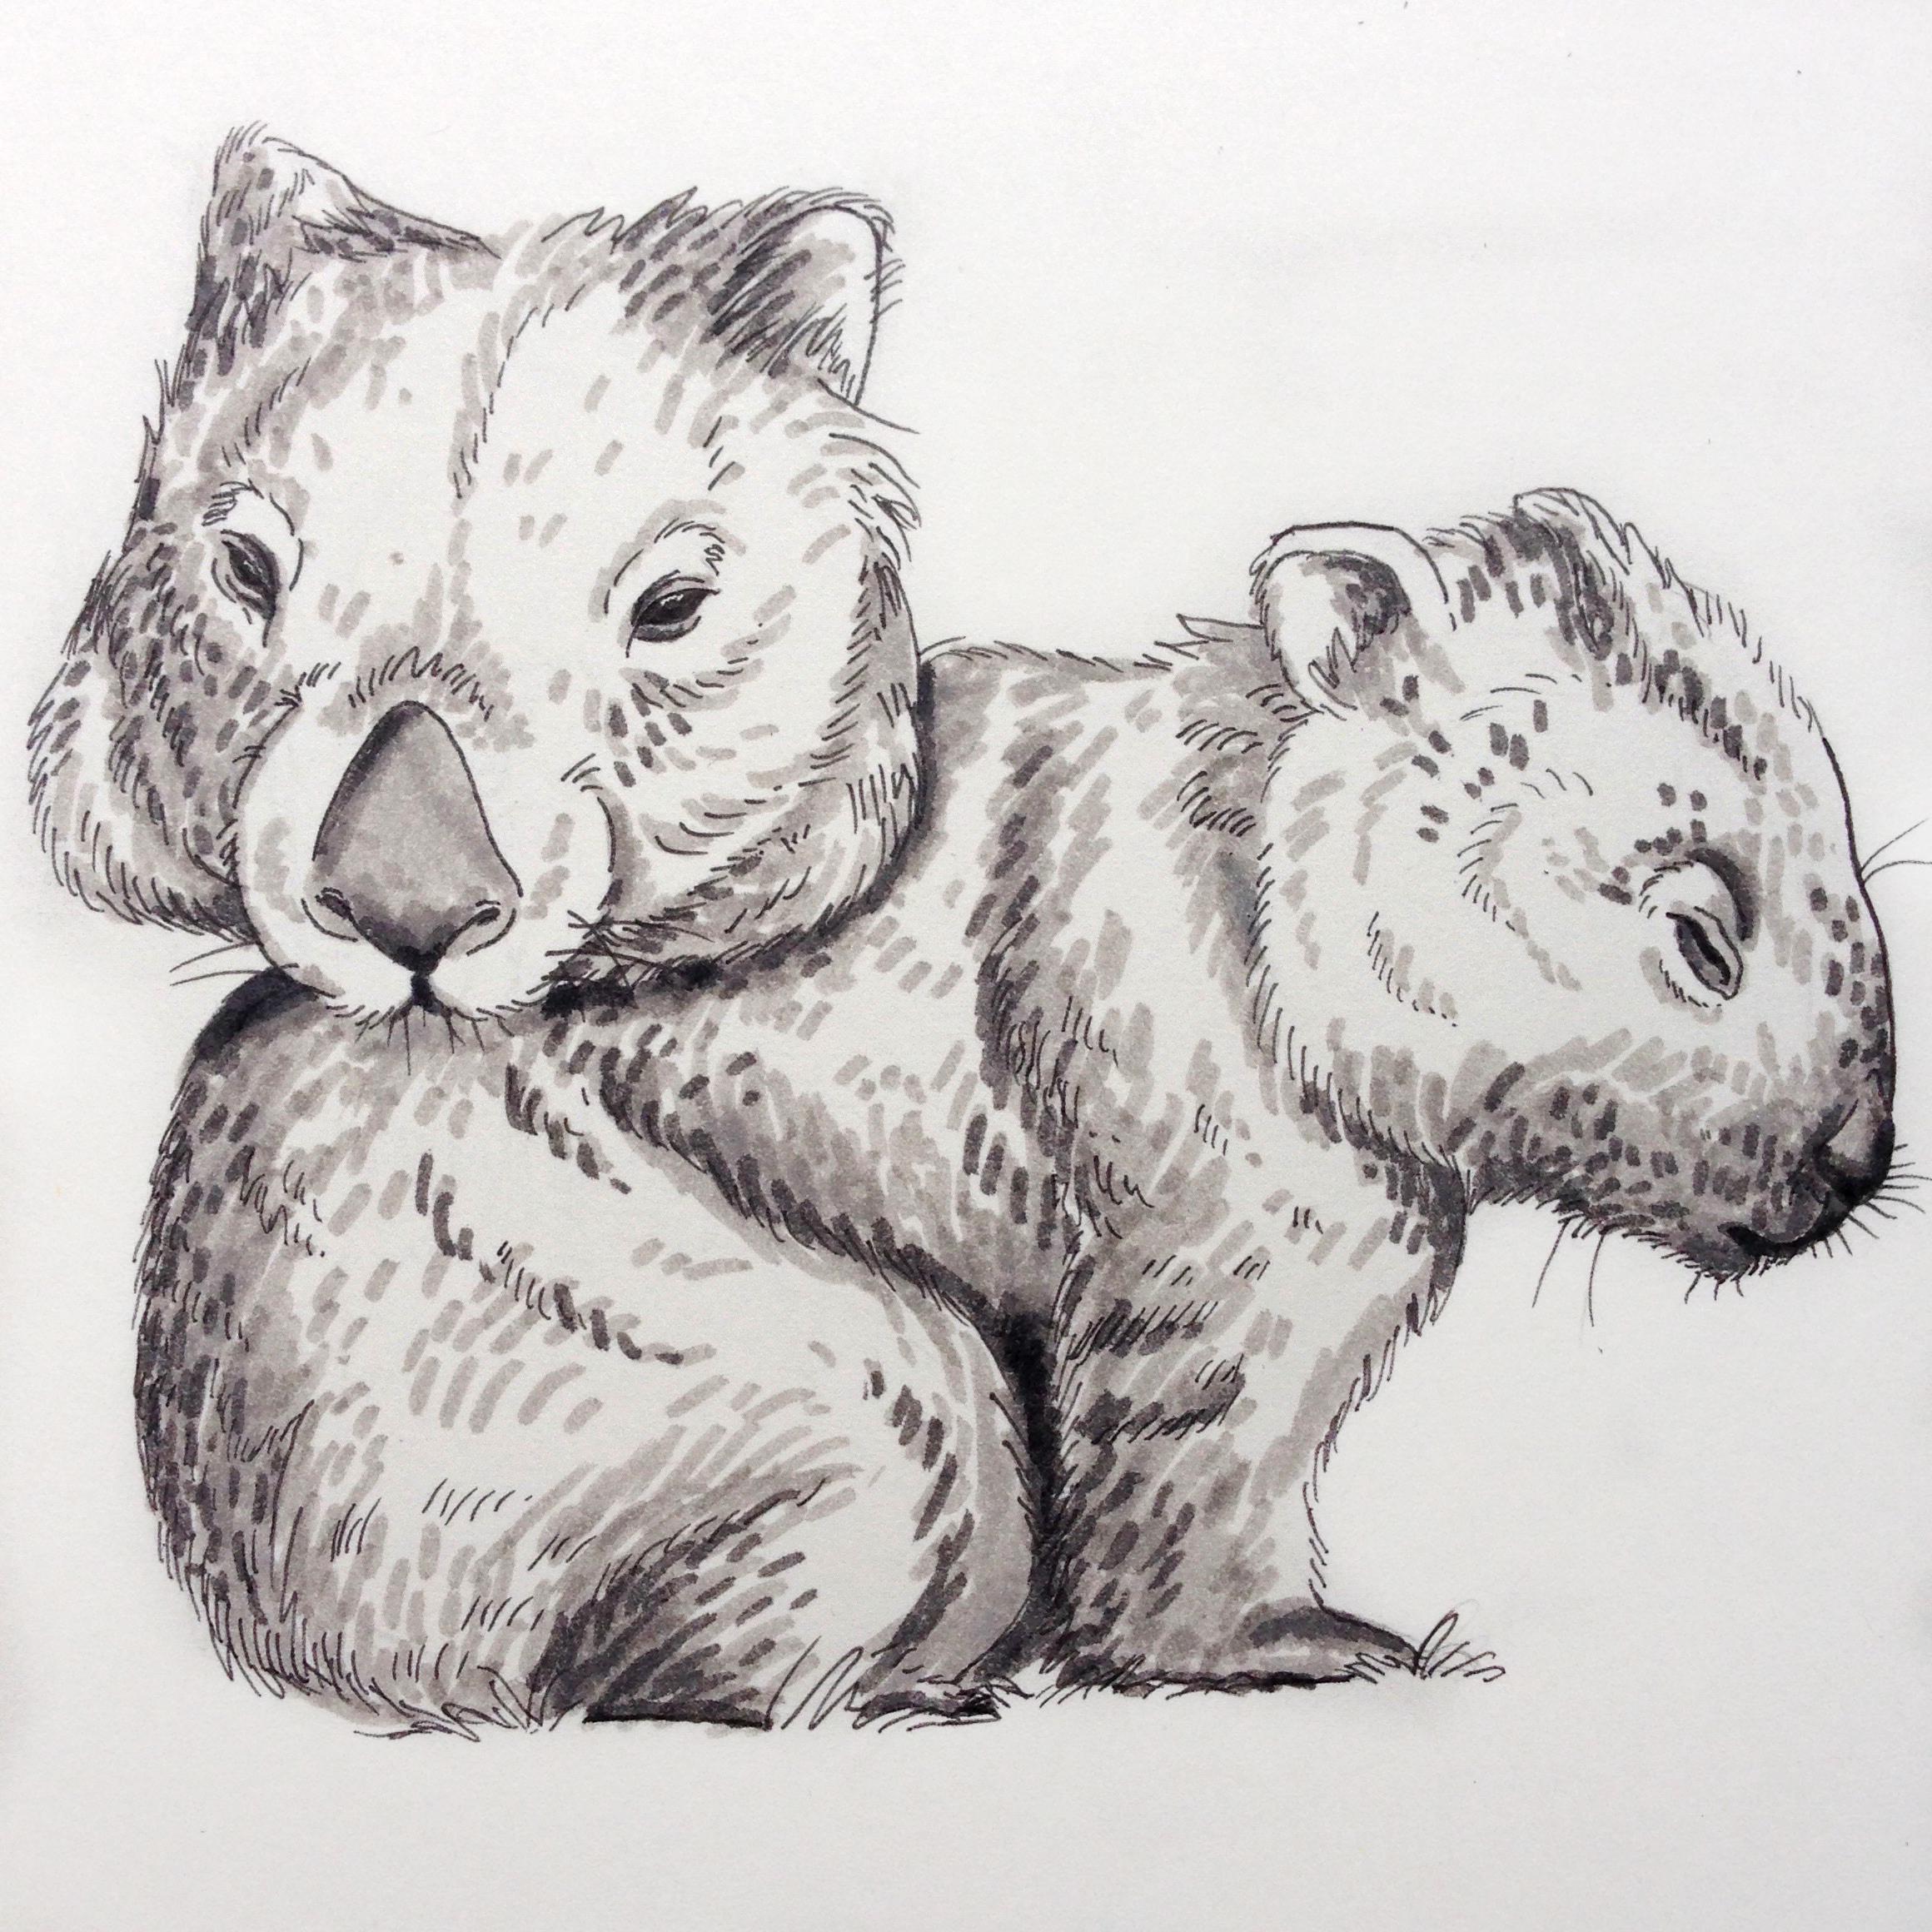 Day Three - Wombat